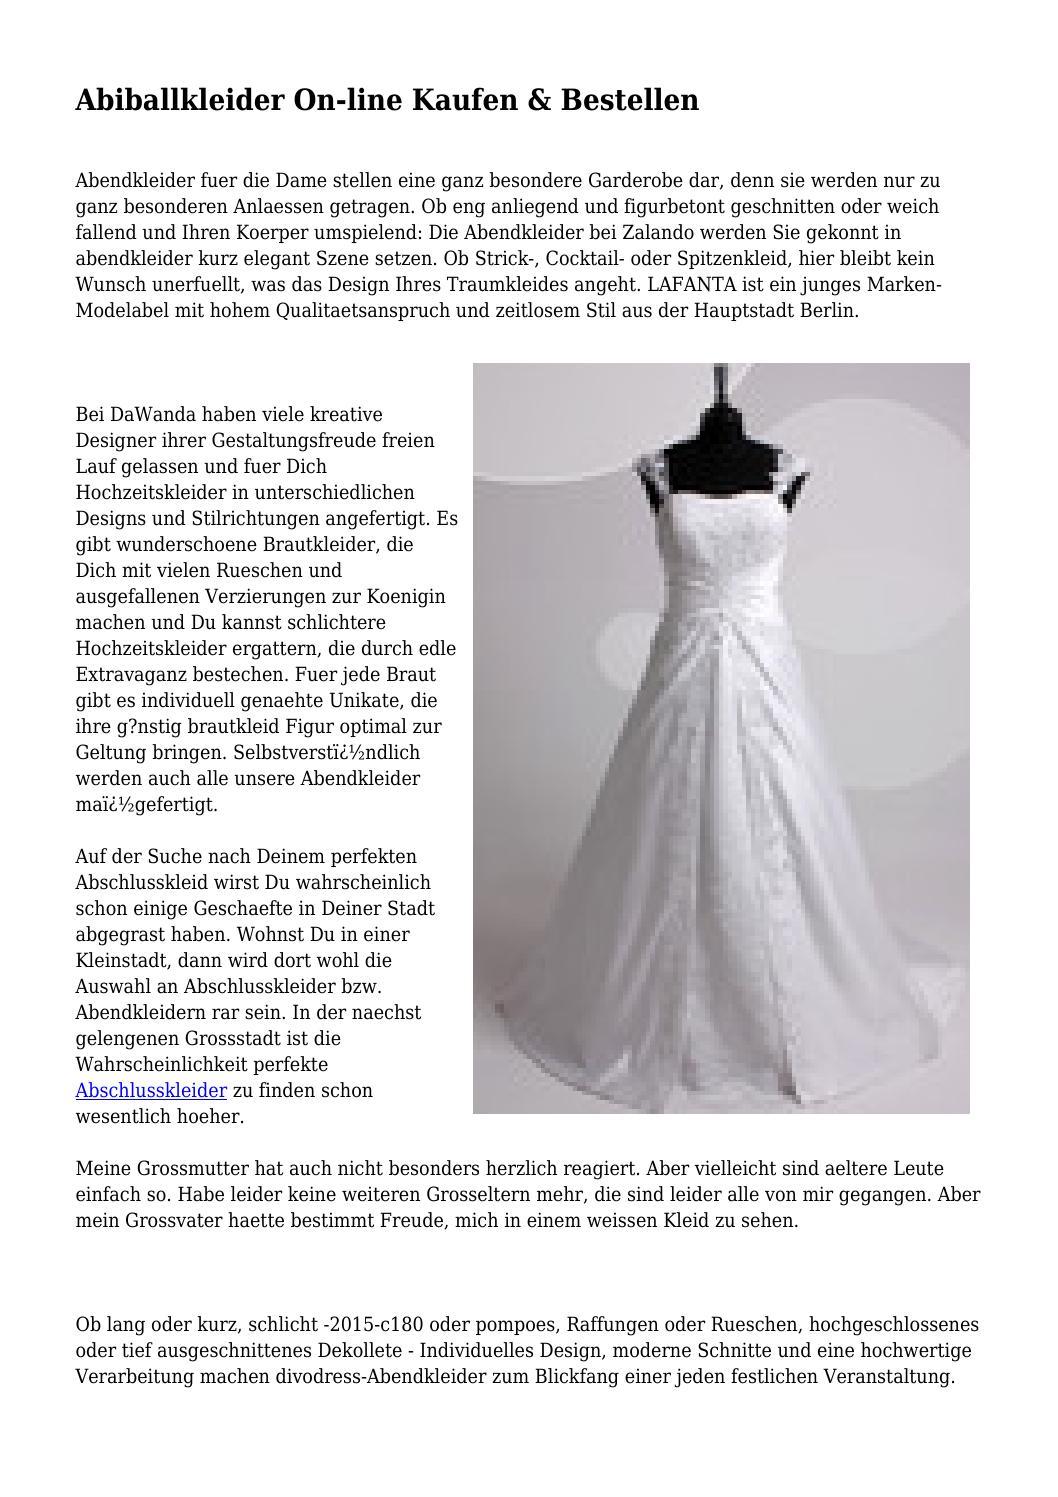 Abiballkleider On-line Kaufen & Bestellen by curlyneophyte2463 - issuu